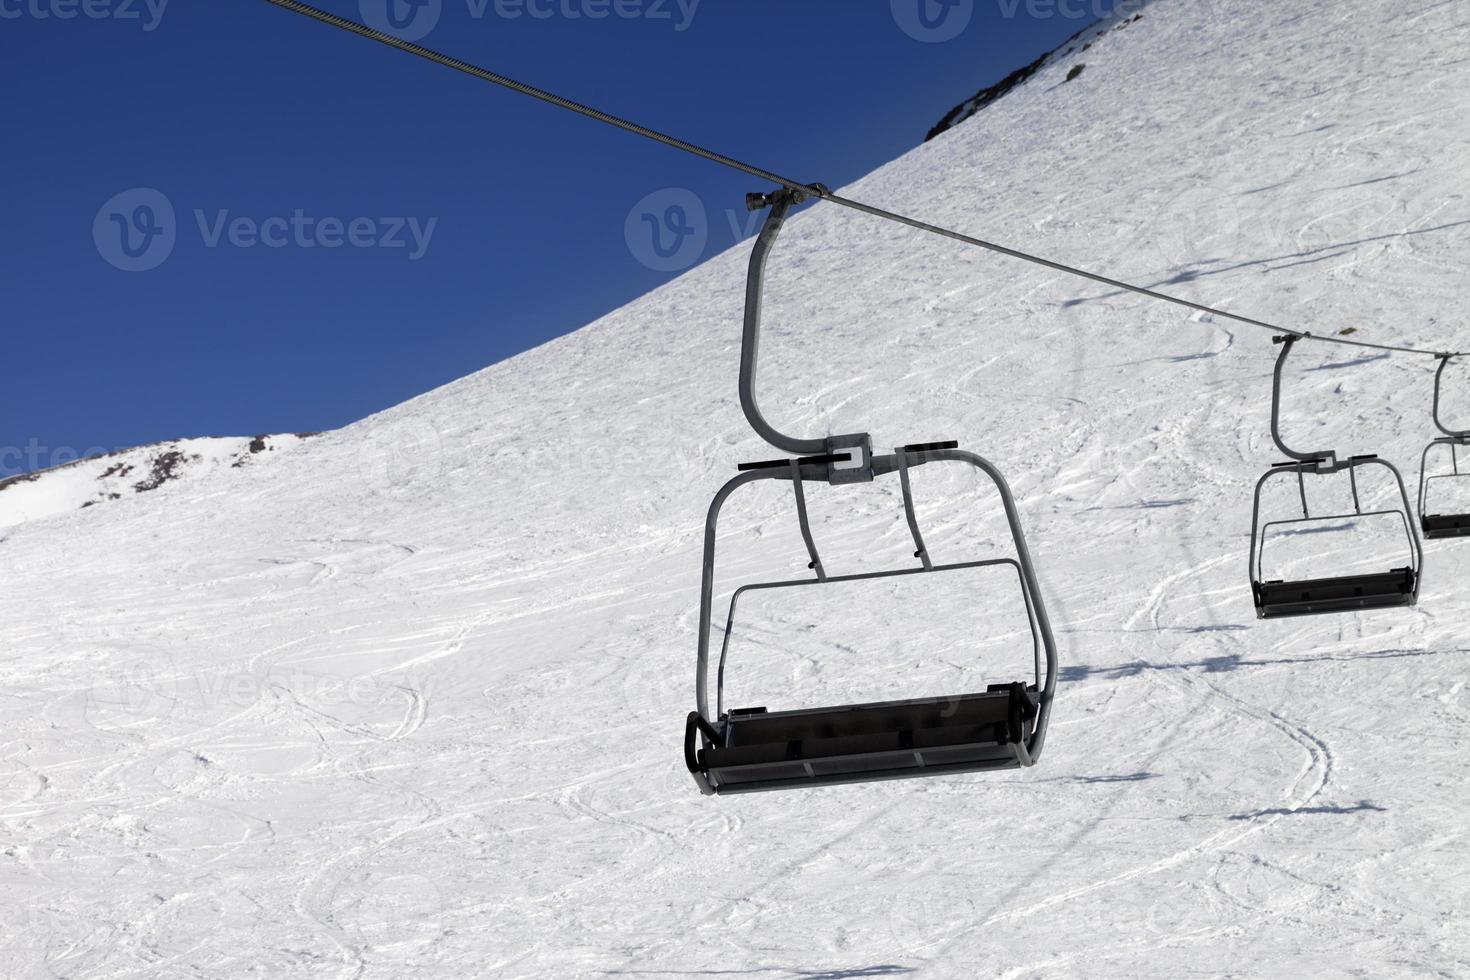 télésiège dans la station de ski photo